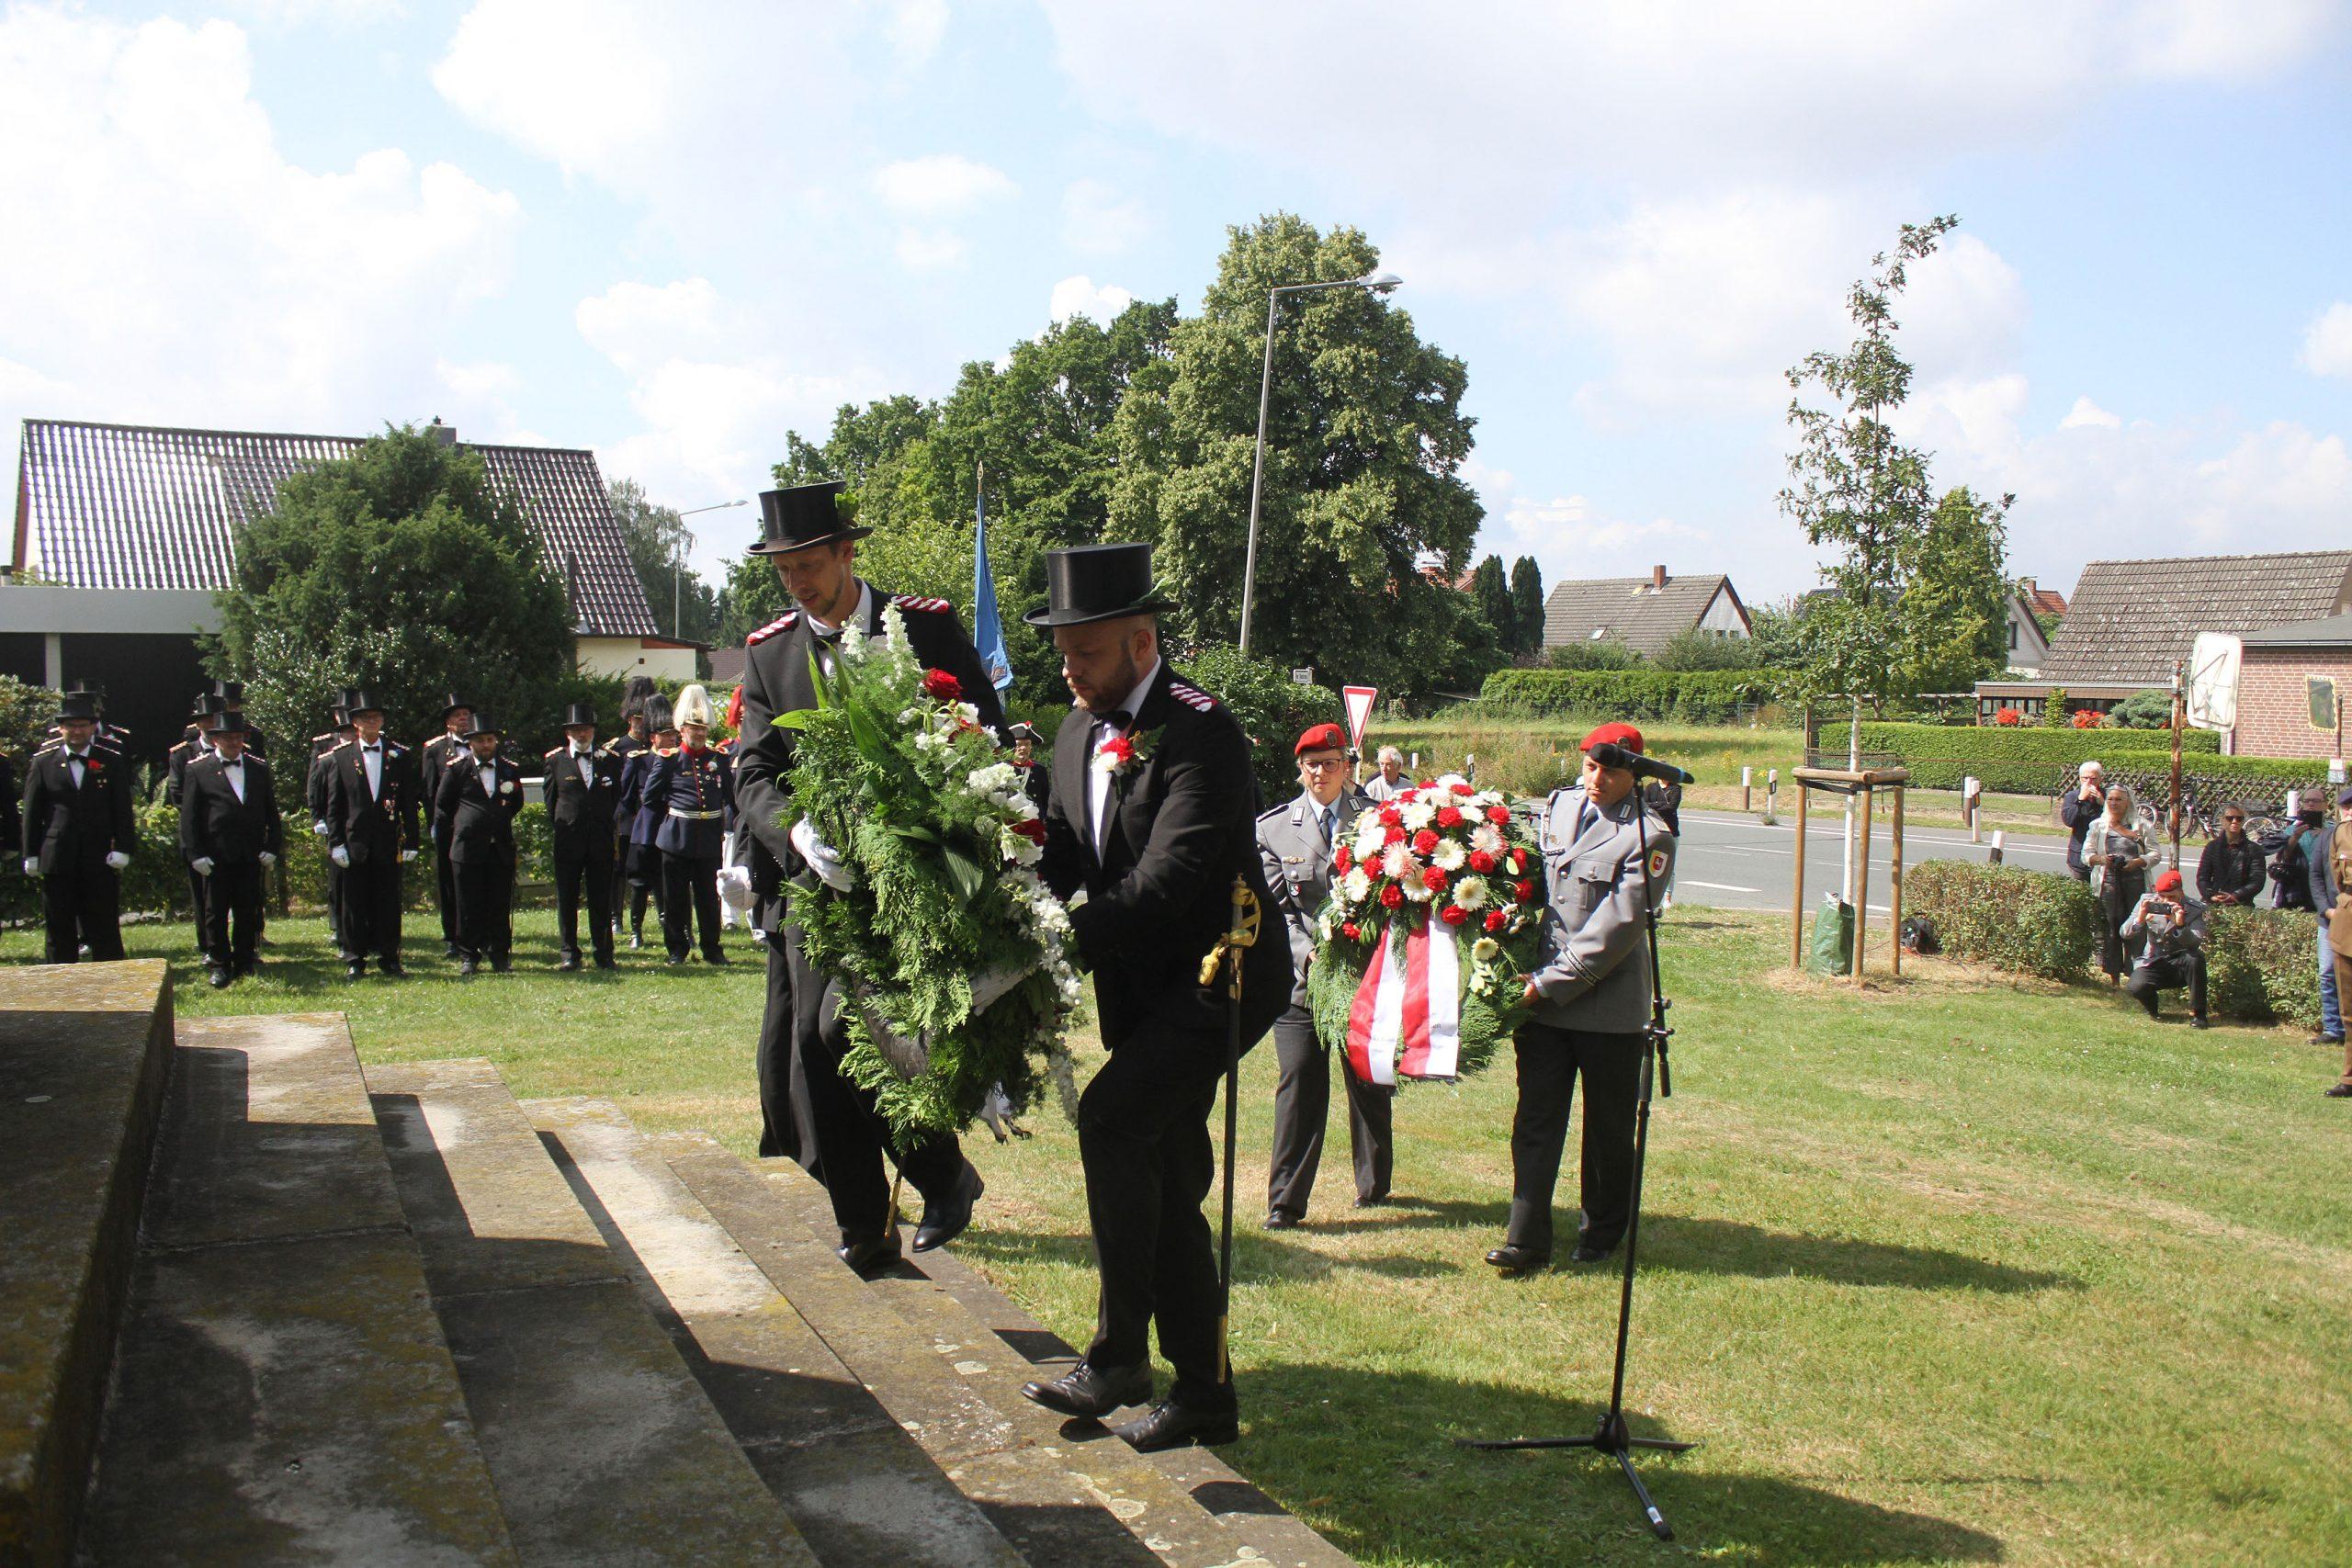 Mitglieder des Bürgerbataillons und der Mindener Pioniere legen Kränze am Denkmal in Todtenhausen ab.